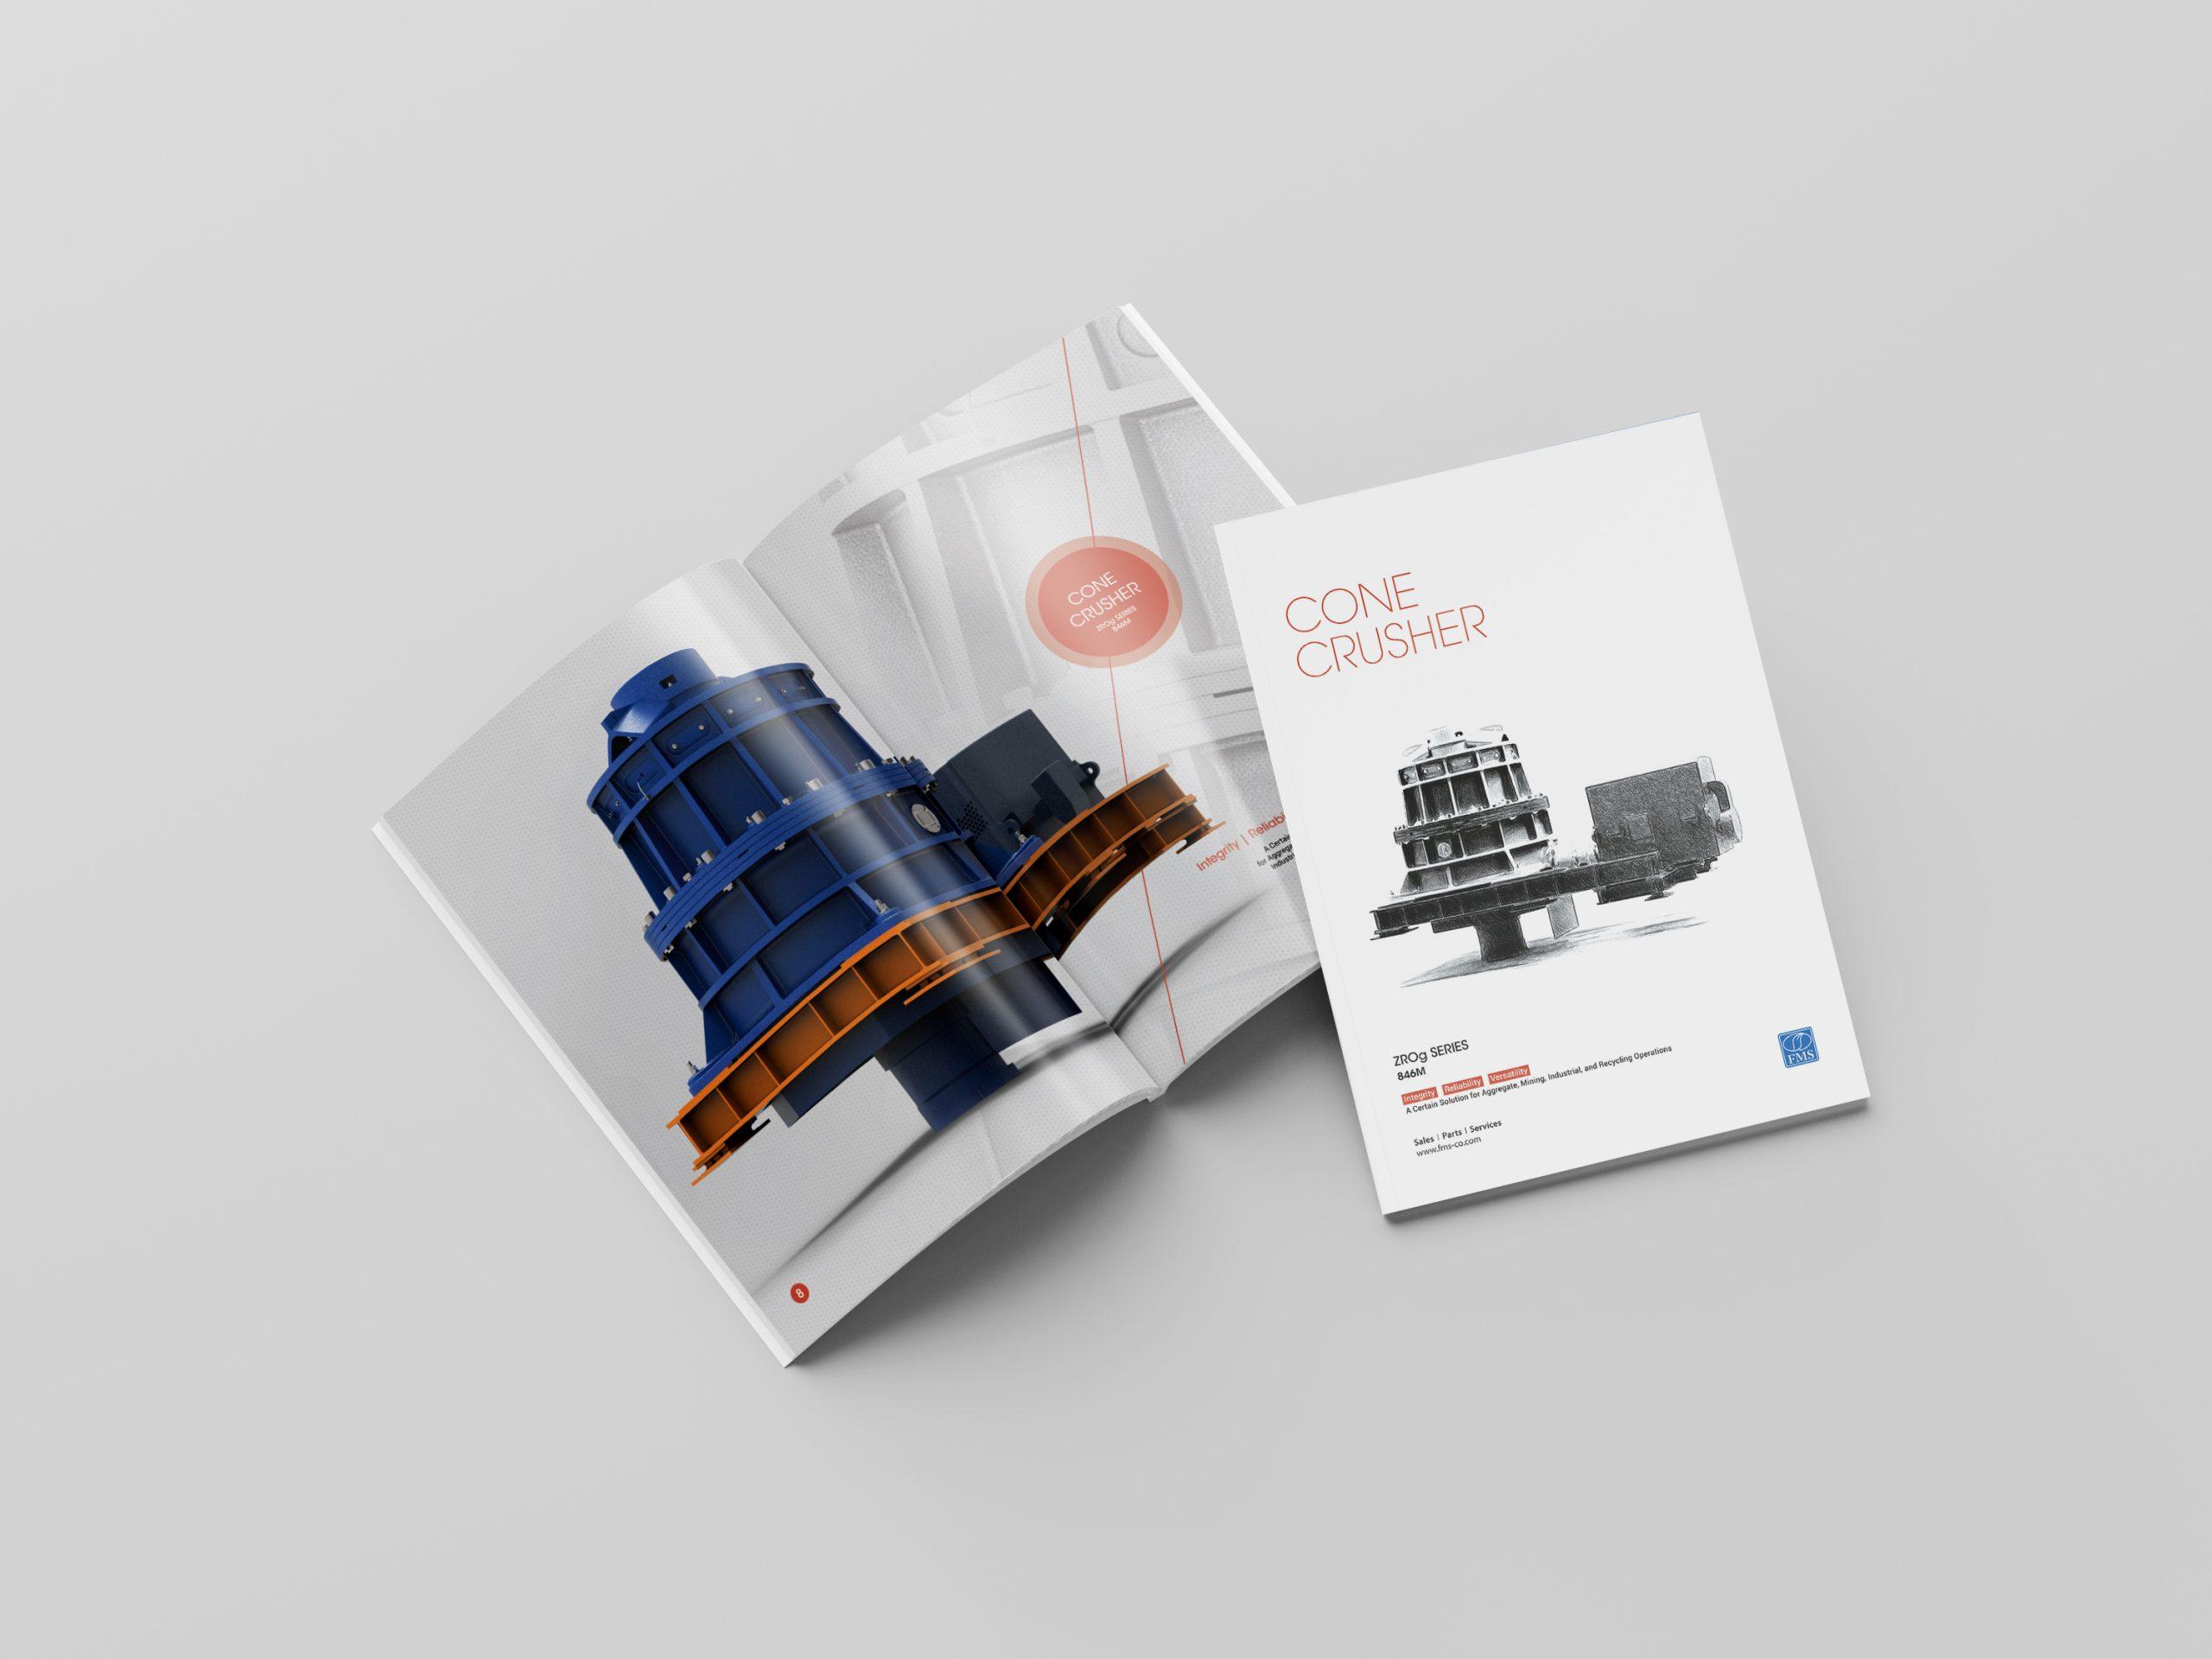 کاتالوگ صنعتی- طراحی و چاپ